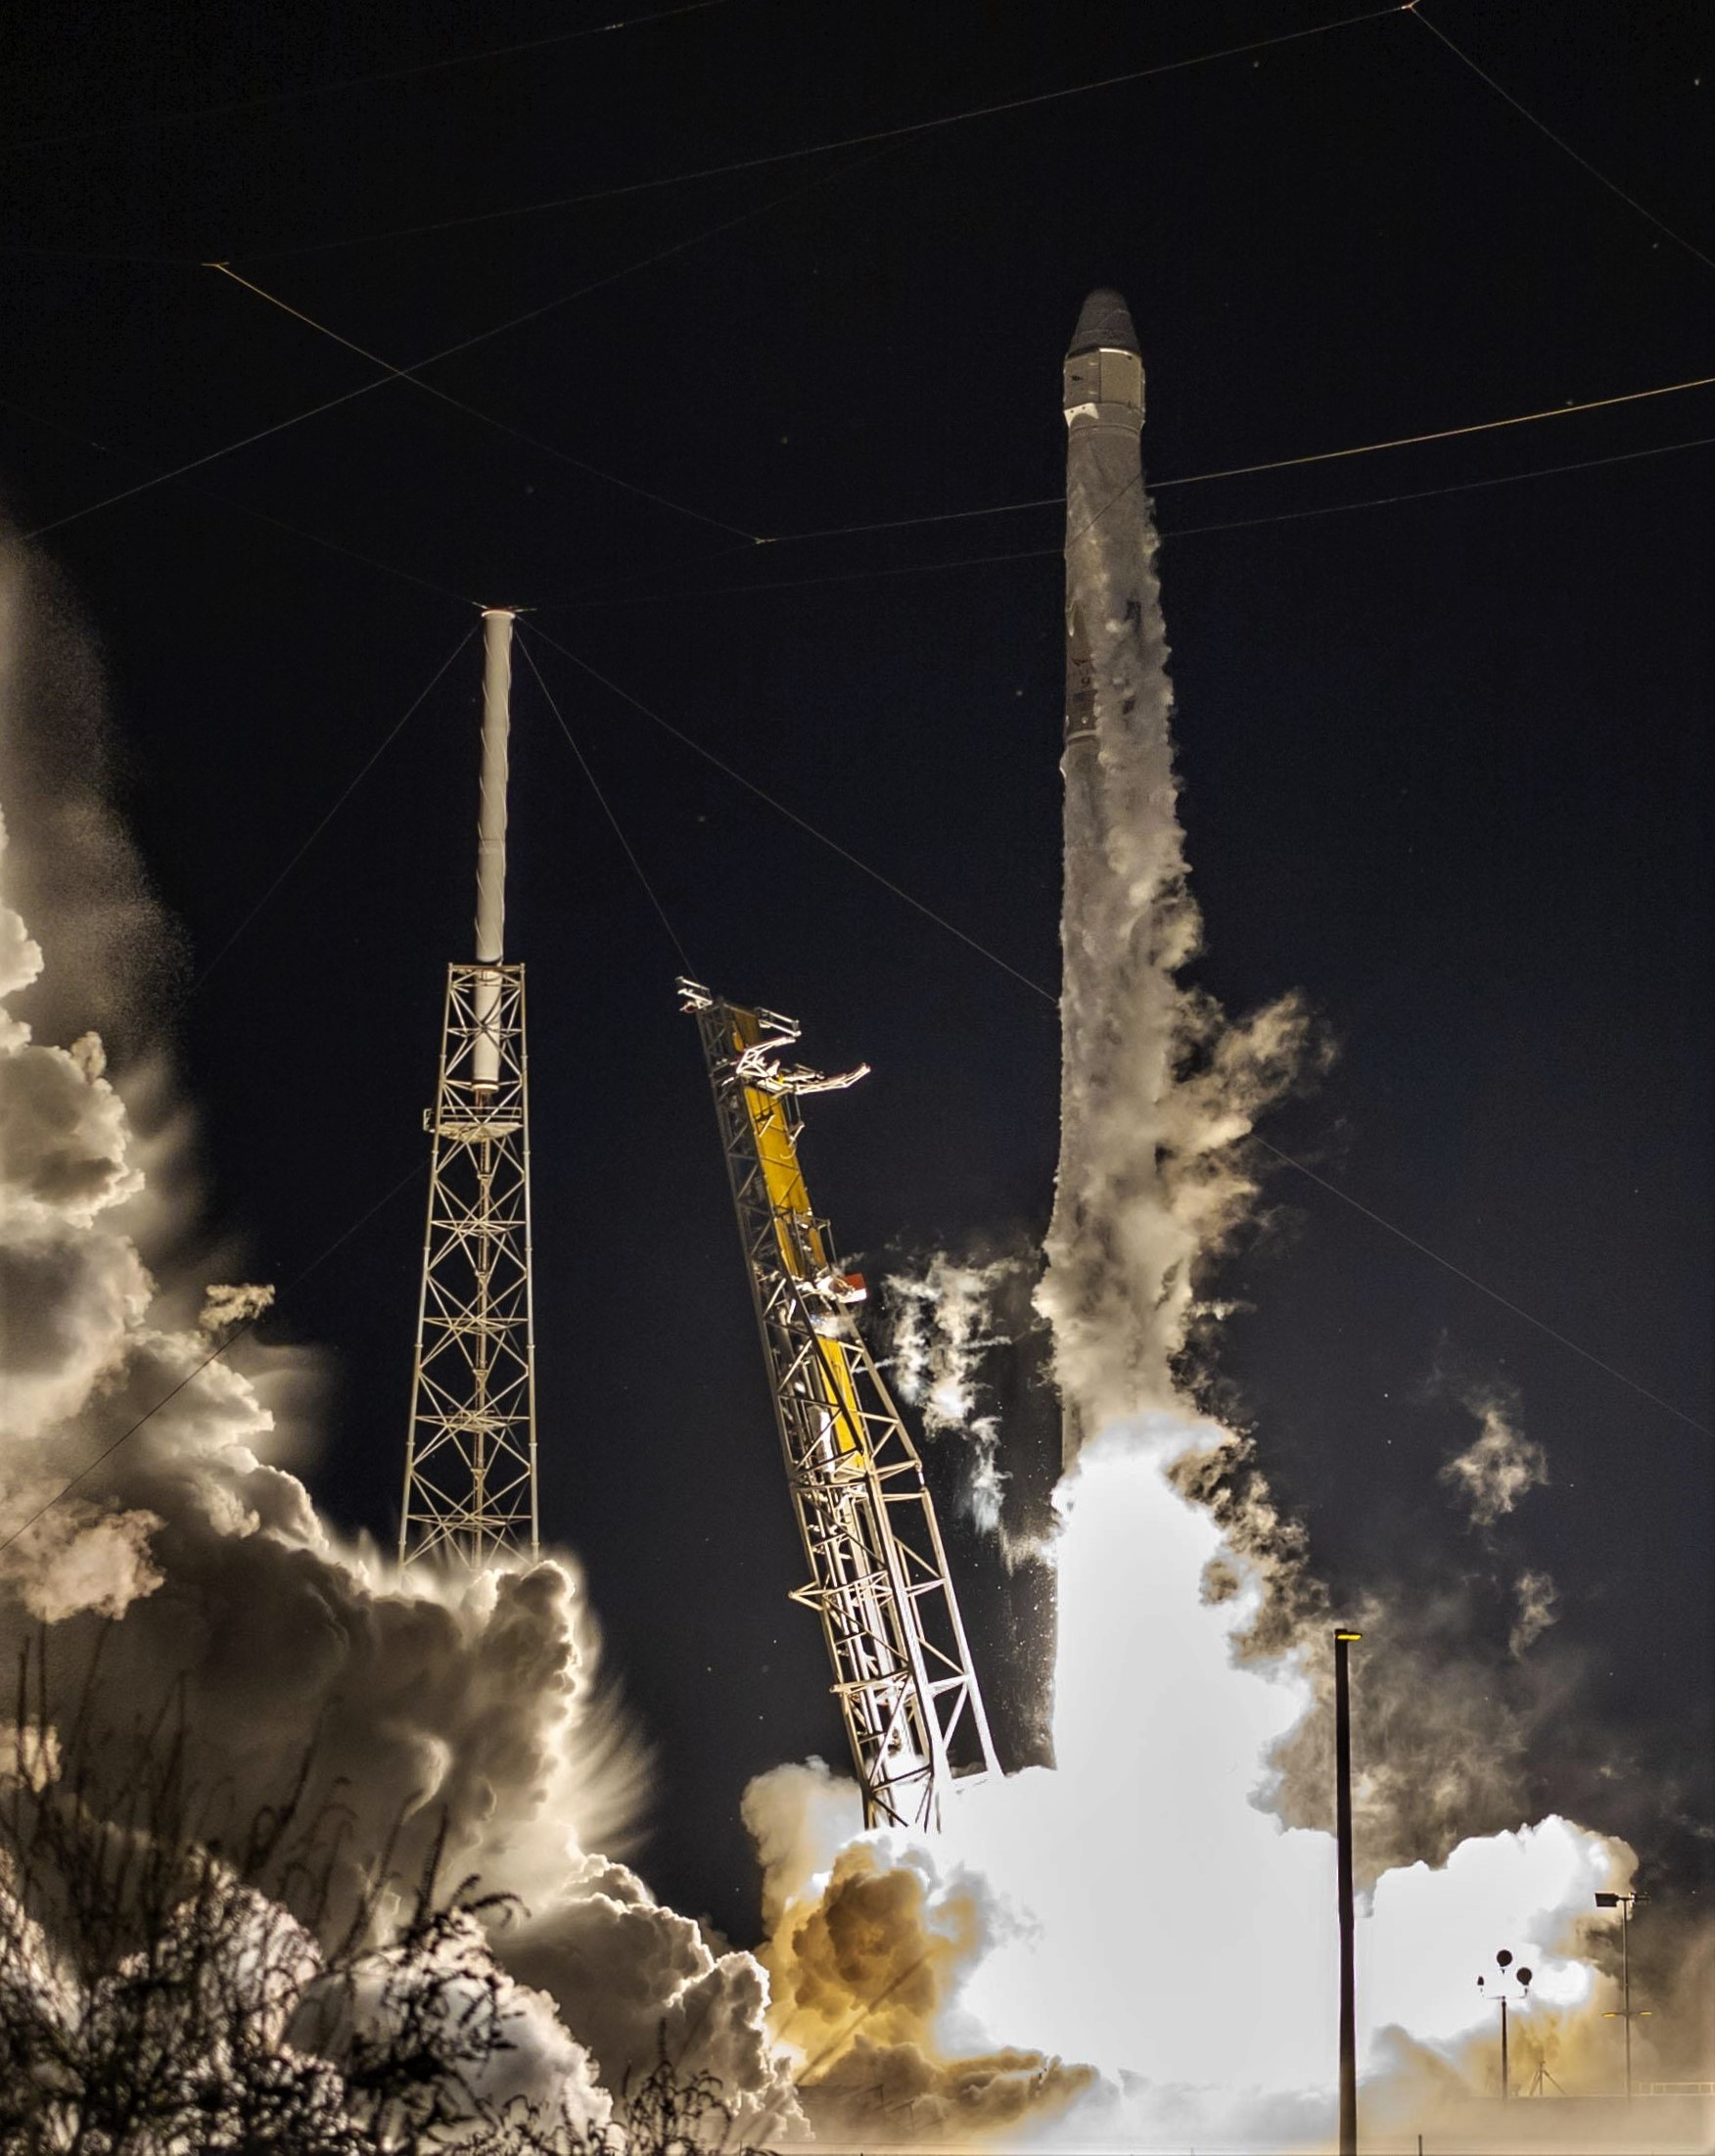 CRS-15 B1045 launch (Tom Cross) 1 close